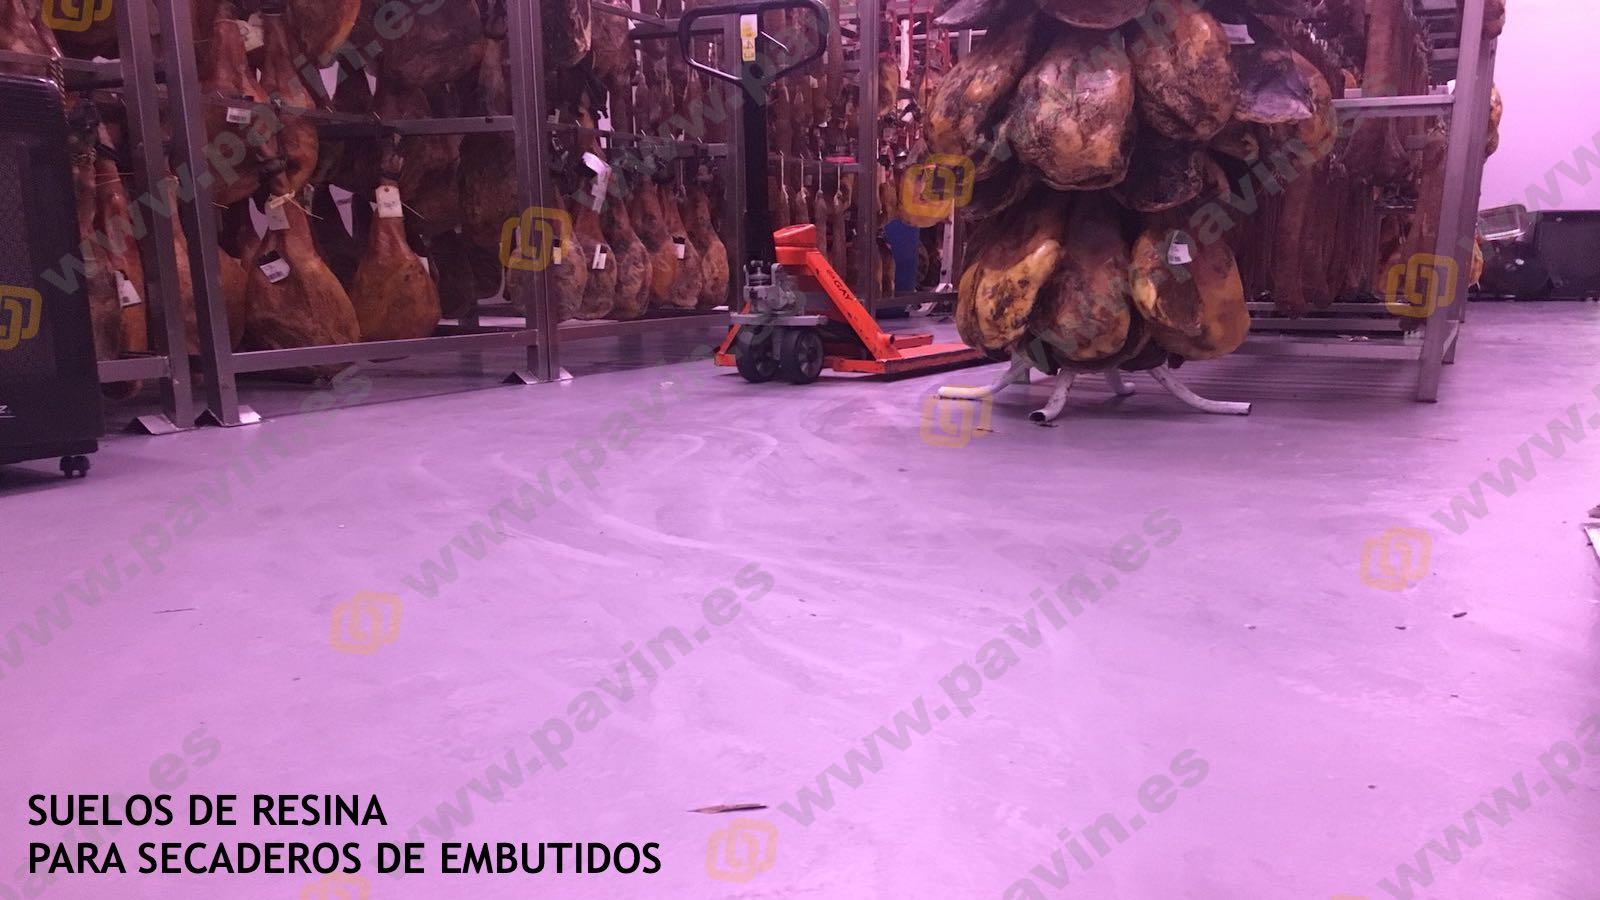 Suelos de resina para pavimentos industriales en naves de secaderos de embutidos